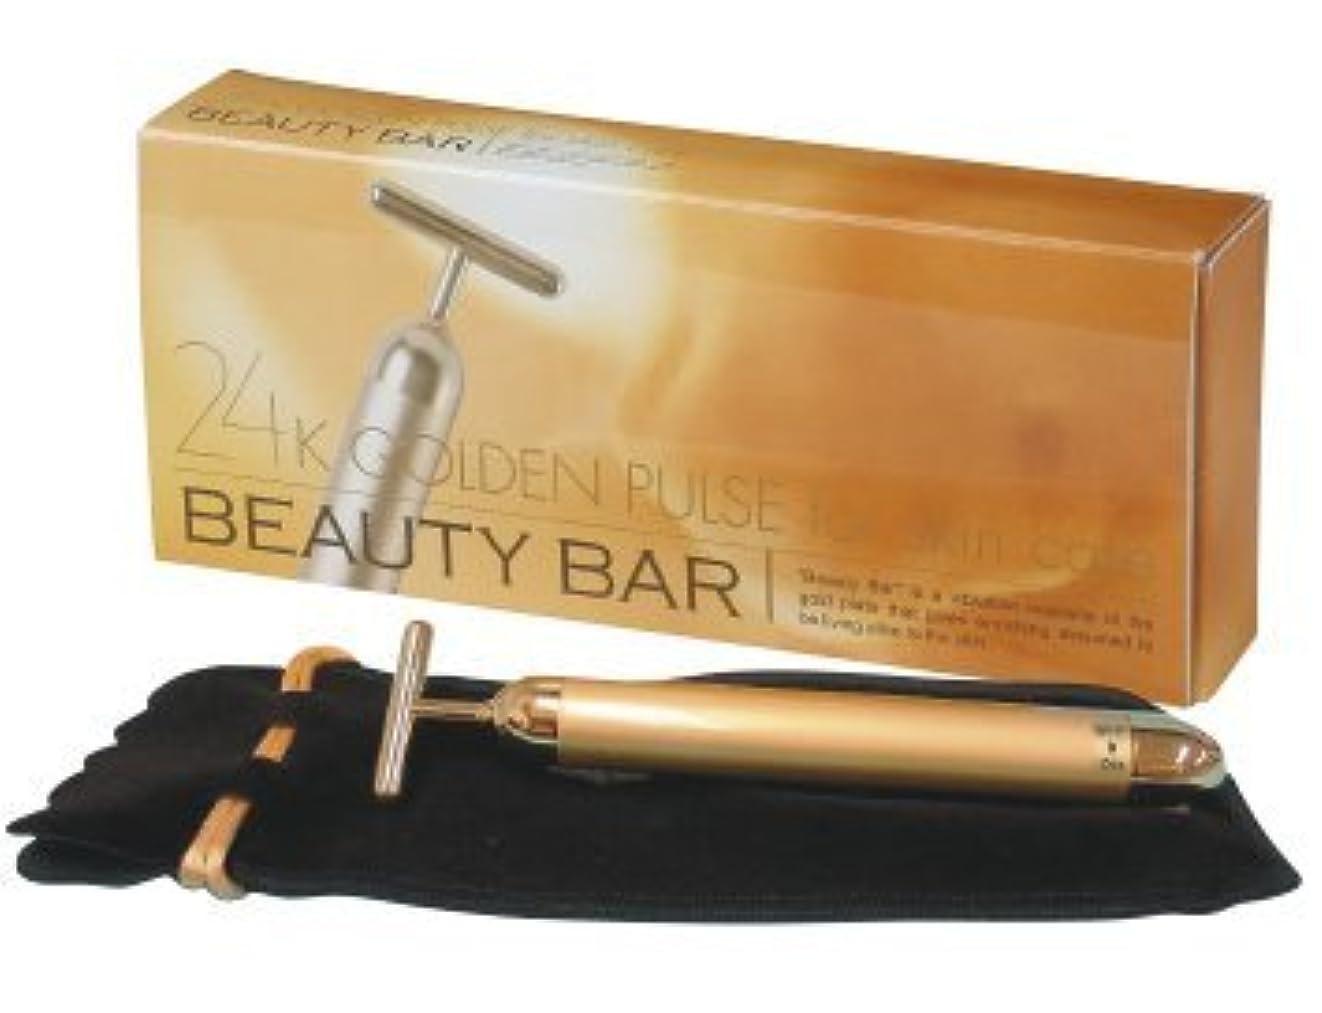 危険を冒しますロマンス下向きエムシービケン ビューティーバー Beauty Bar 24K 電動美顔器日本製 シリアルナンバー付 正規品 1個+ エムシー ビューティーマッサージゲル1個